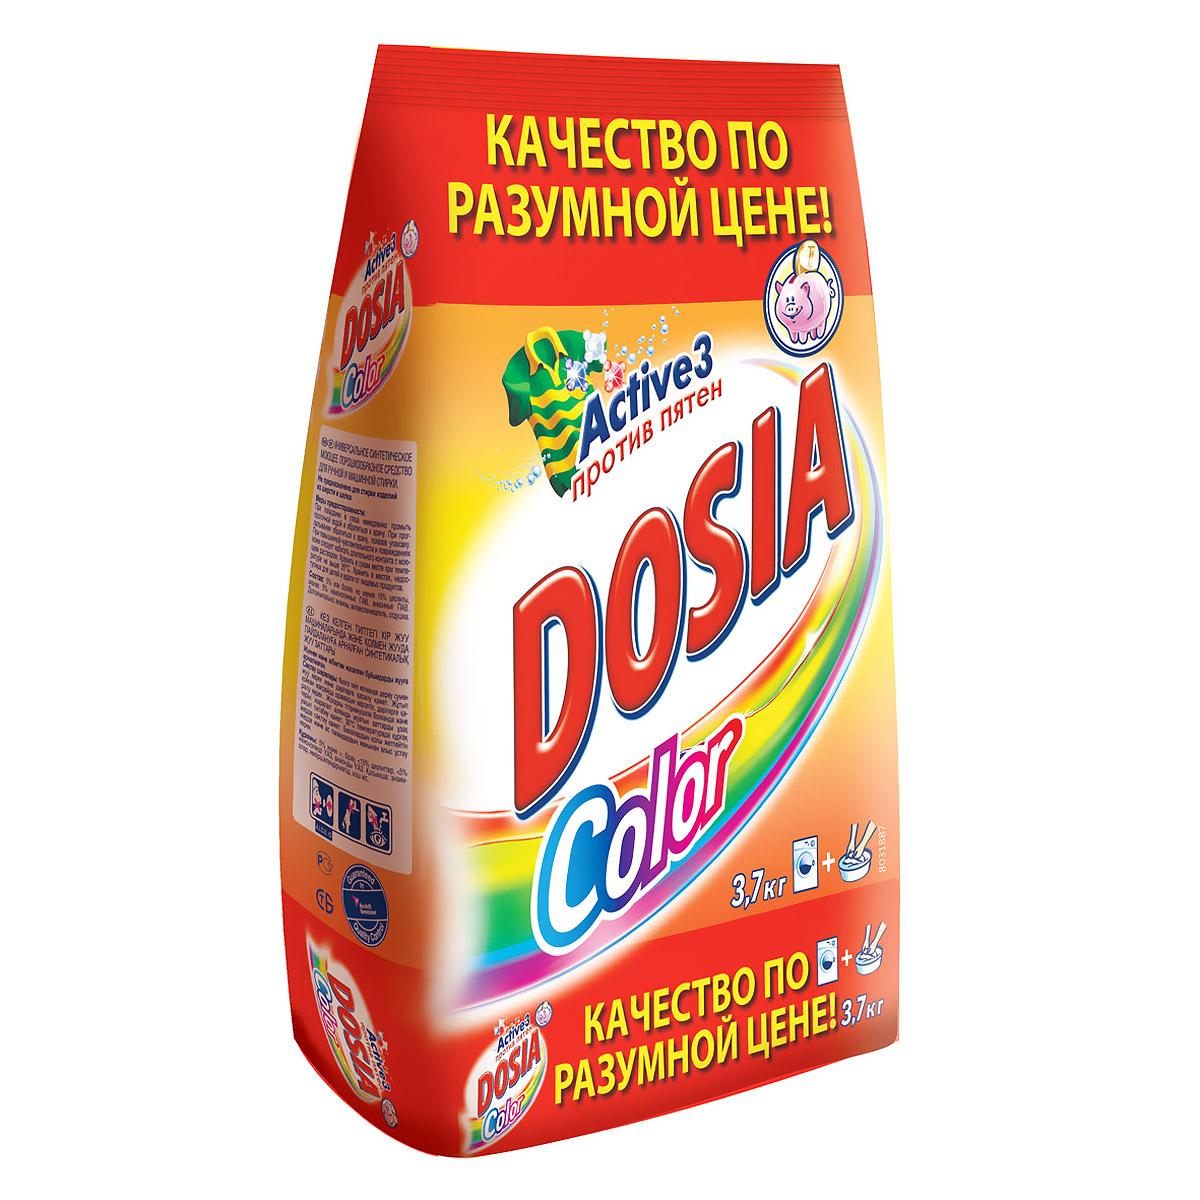 Стиральный порошок Dosia Color. Active 3, 3,7 кгBNC 401481 RUСтиральный порошок Dosia Color. Active 3 предназначен для стирки в стиральных машинах любого типа, также подходит для ручной стирки. Стиральный порошок содержит три активных компонента против различных пятен, которые: - воздействуют на волокна ткани и удаляют общие загрязнения; - удаляют сложные пятна; - не повреждают цвет вещей.Насладитесь идеальной чистотой и свежестью ваших вещей с новой Dosia! Характеристики: Вес: 3,7 кг. Производитель: Россия. Товар сертифицирован.